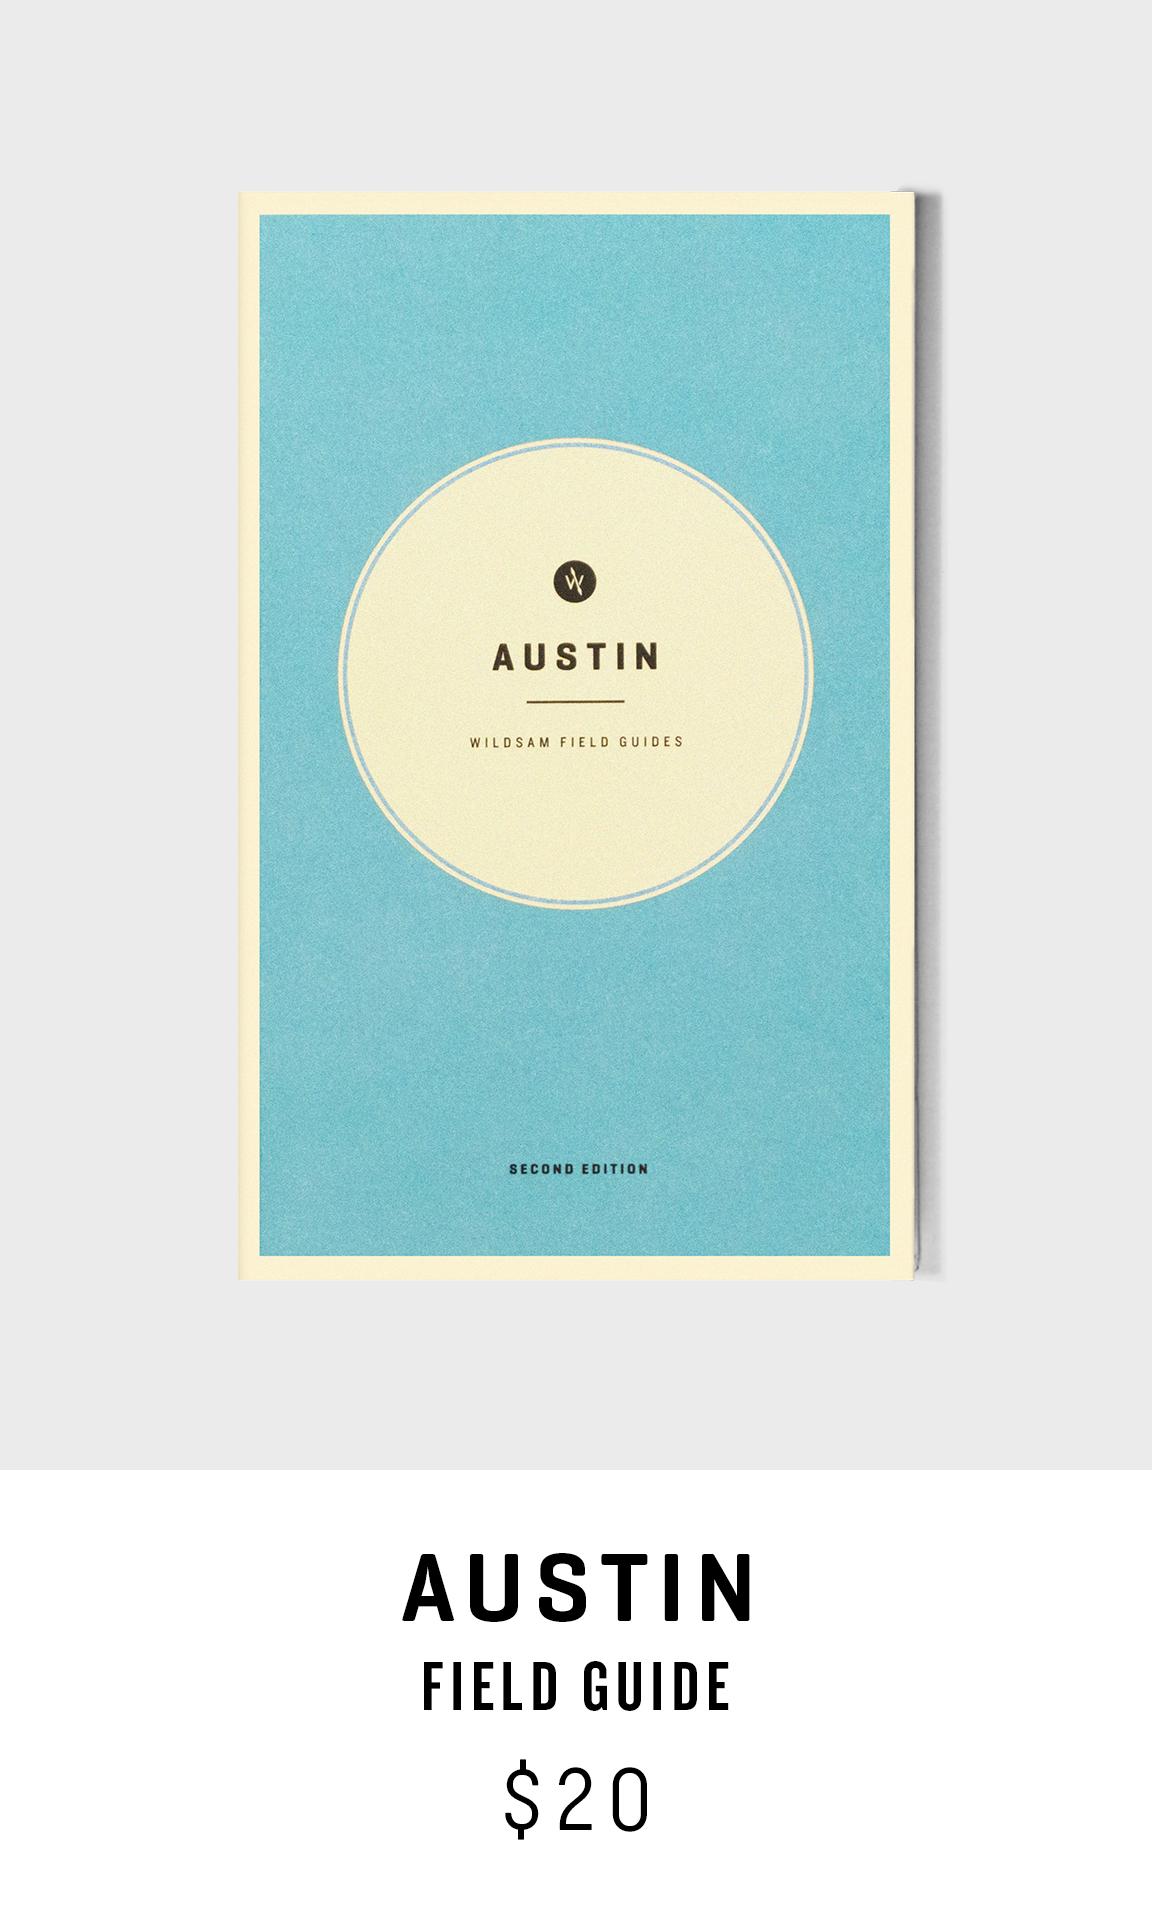 Austin-Product-CARD.jpg